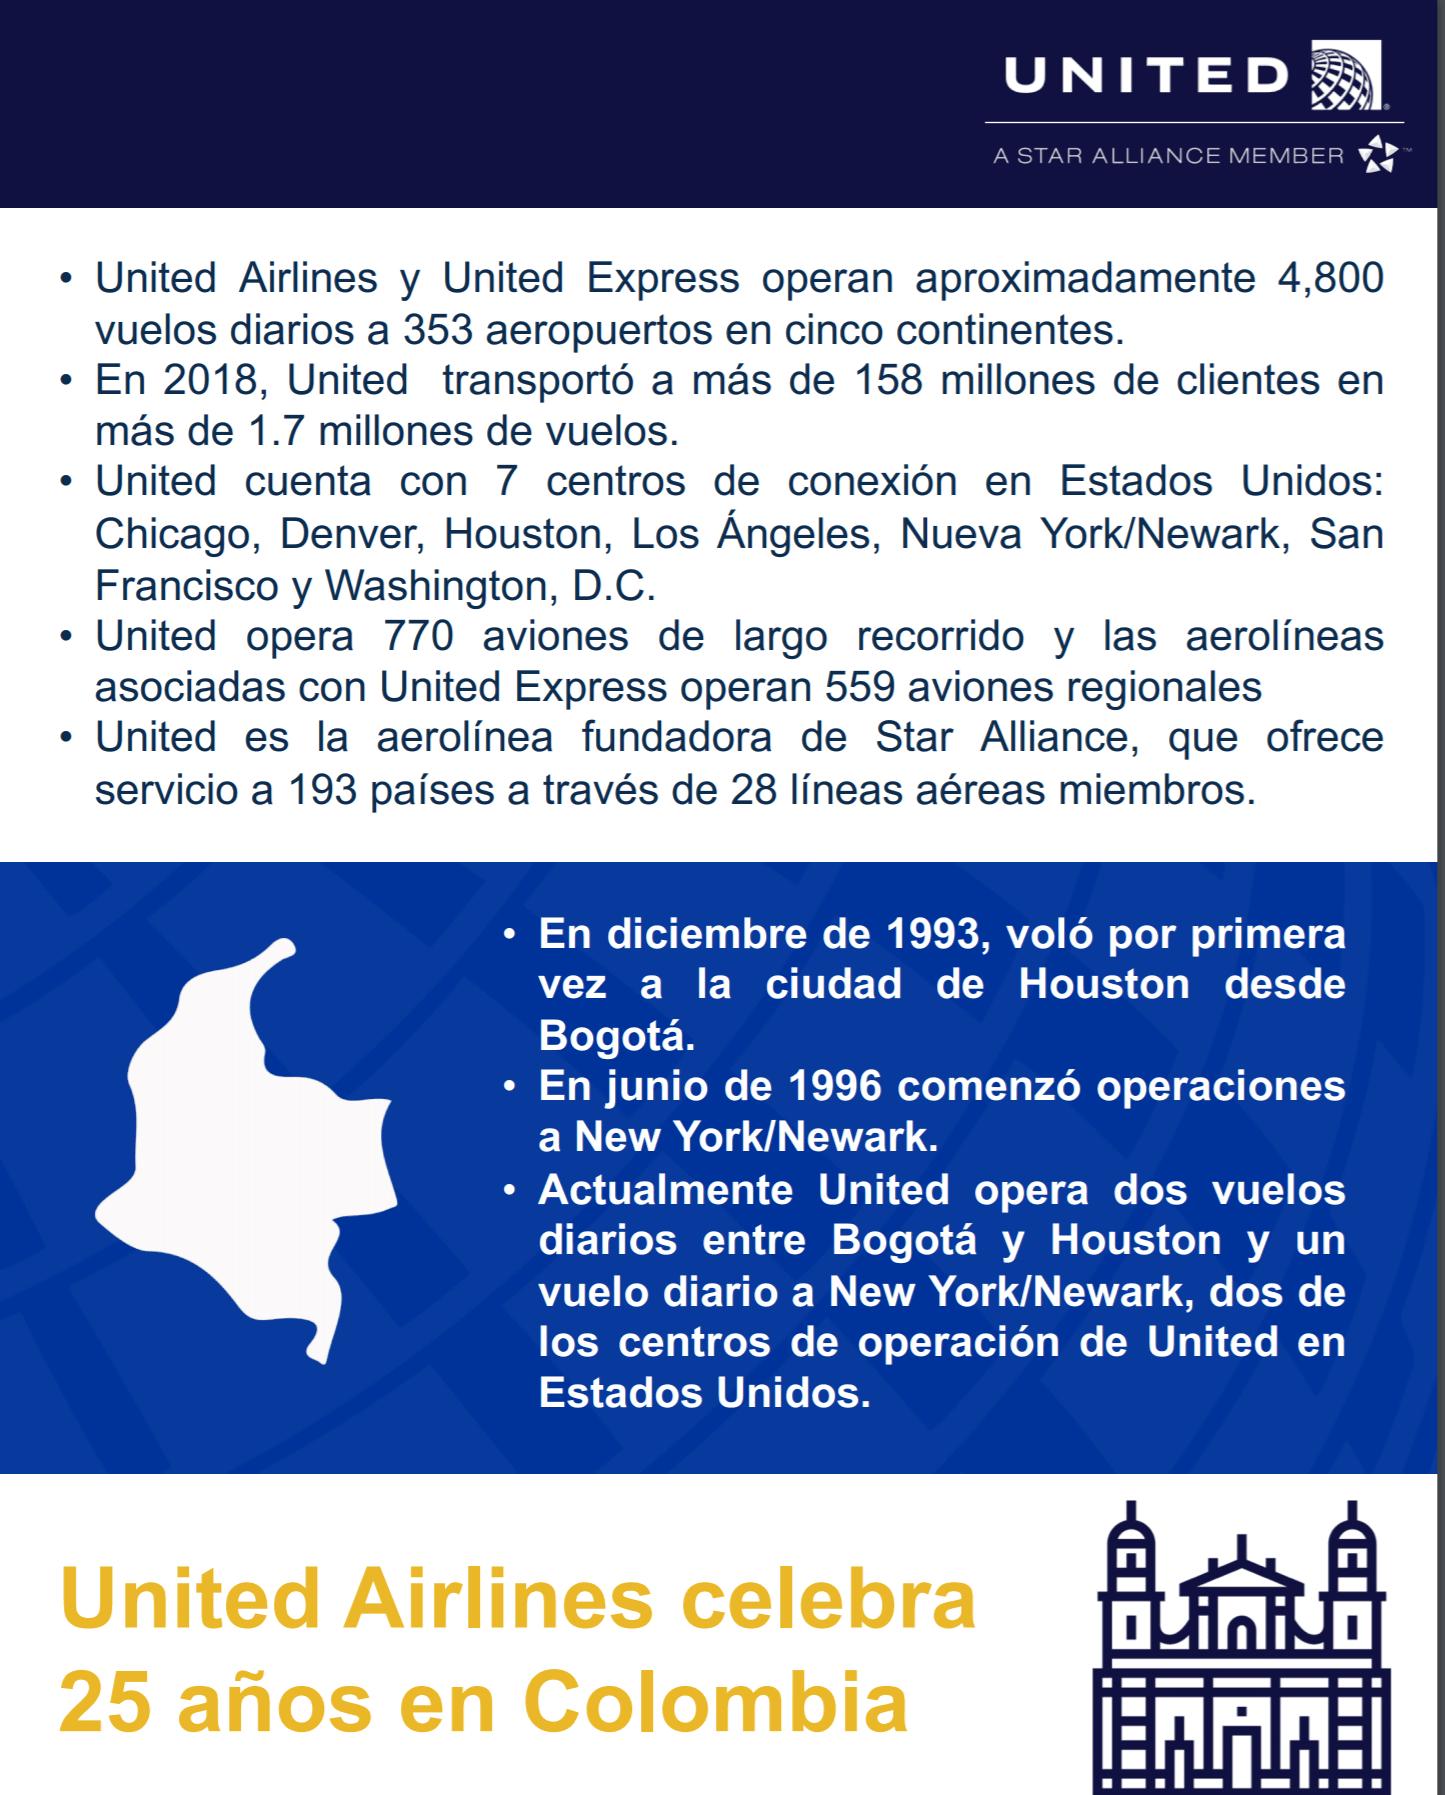 Infografía de United Airlines en Colombia.